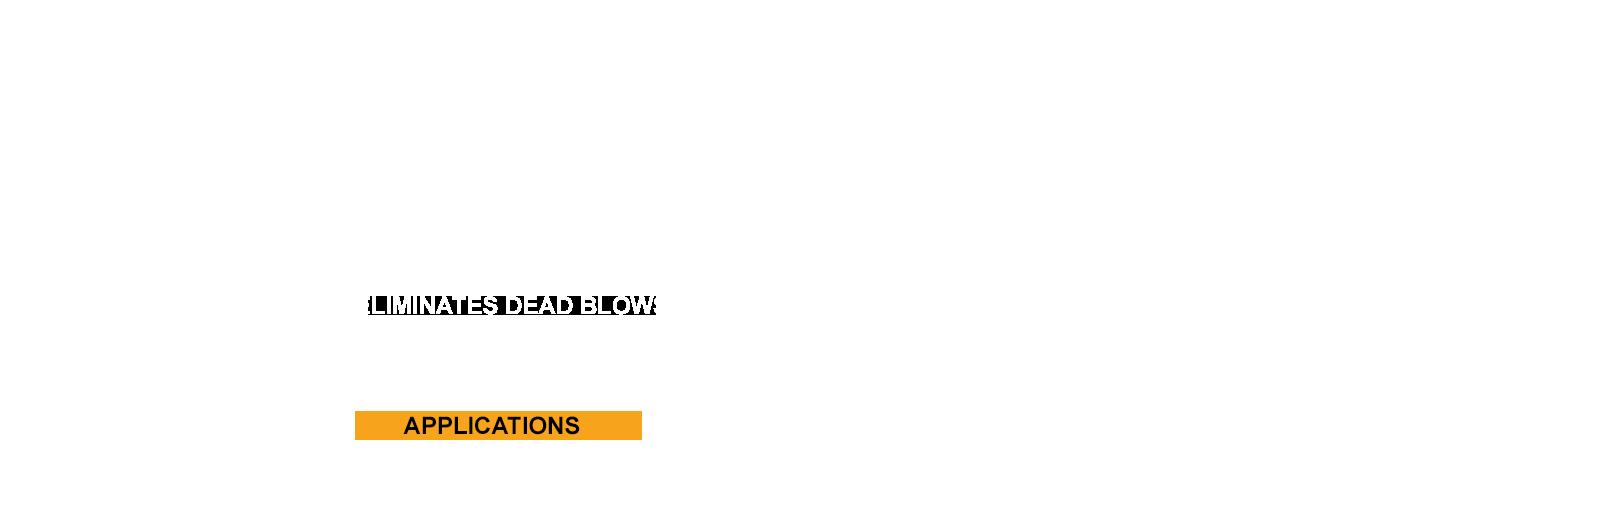 Eliminates Dead Blows